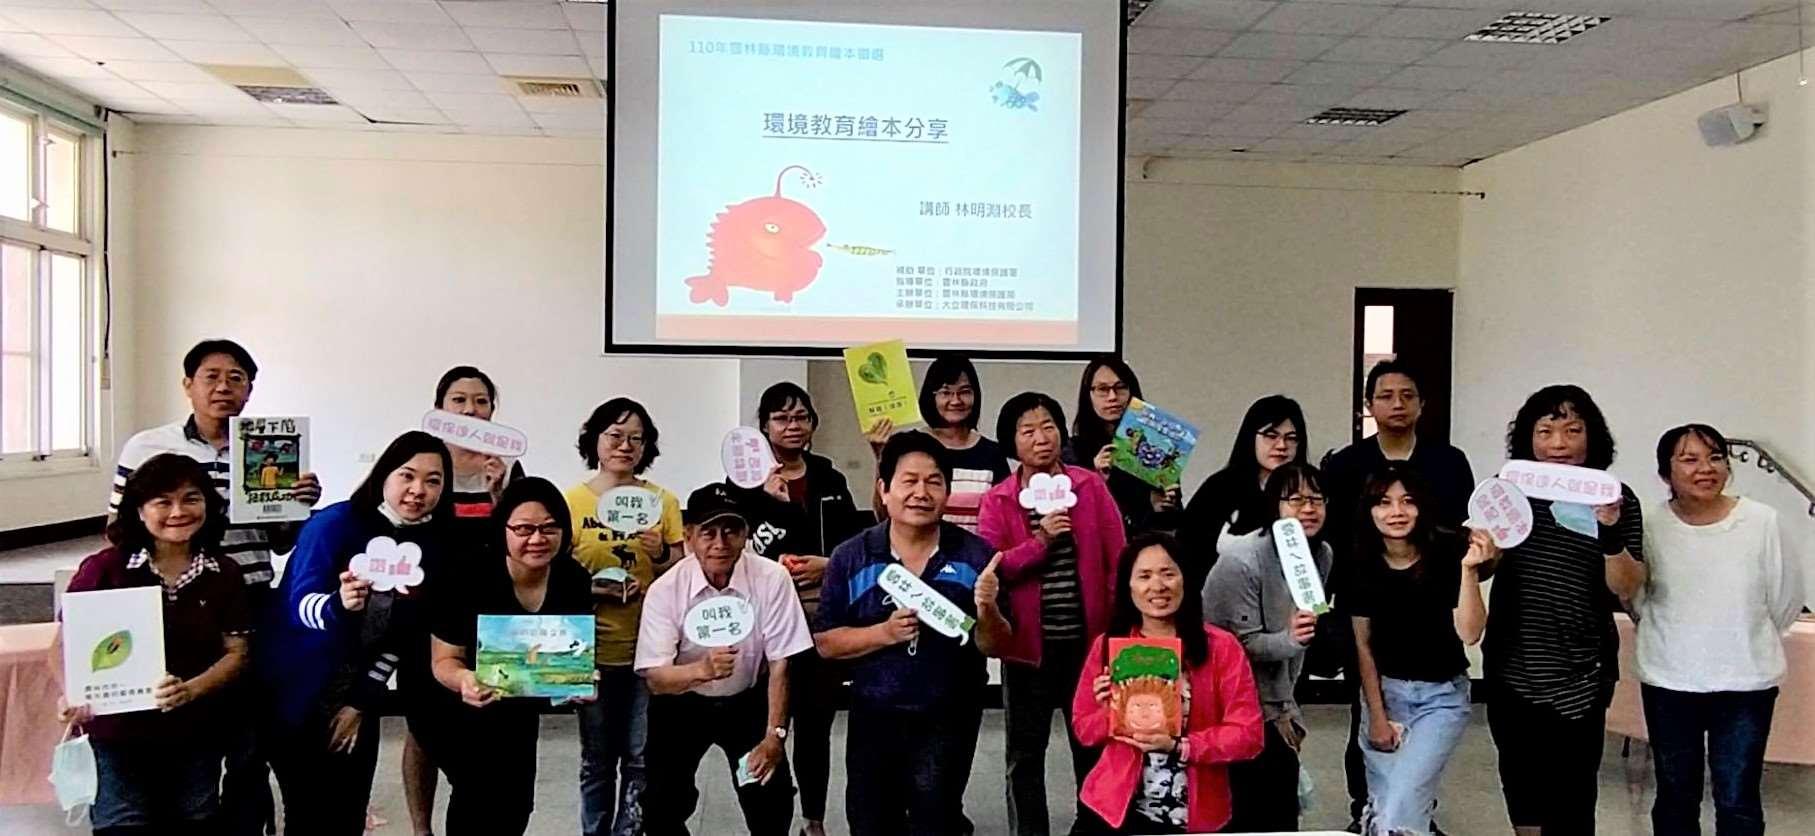 110年雲林縣環境教育繪本徵選活動開跑